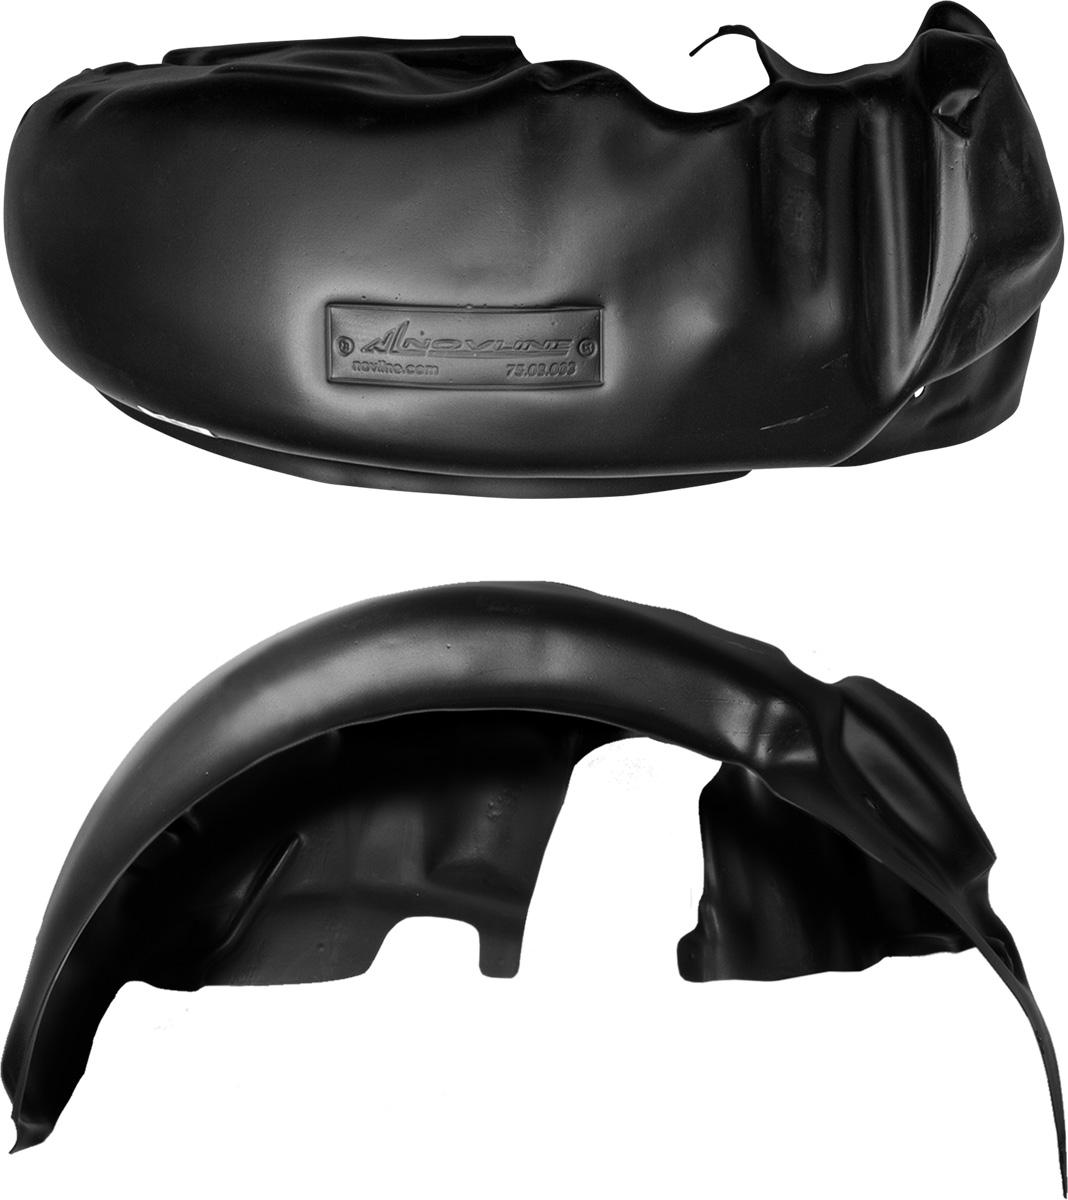 Подкрылок Novline-Autofamily, для Nissan X-Trail, 2011->, задний левыйNLL.36.38.003Колесные ниши - одни из самых уязвимых зон днища вашего автомобиля. Они постоянно подвергаются воздействию со стороны дороги. Лучшая, почти абсолютная защита для них - специально отформованные пластиковые кожухи, которые называются подкрылками. Производятся они как для отечественных моделей автомобилей, так и для иномарок. Подкрылки Novline-Autofamily выполнены из высококачественного, экологически чистого пластика. Обеспечивают надежную защиту кузова автомобиля от пескоструйного эффекта и негативного влияния, агрессивных антигололедных реагентов. Пластик обладает более низкой теплопроводностью, чем металл, поэтому в зимний период эксплуатации использование пластиковых подкрылков позволяет лучше защитить колесные ниши от налипания снега и образования наледи. Оригинальность конструкции подчеркивает элегантность автомобиля, бережно защищает нанесенное на днище кузова антикоррозийное покрытие и позволяет осуществить крепление подкрылков внутри колесной арки практически без дополнительного крепежа и сверления, не нарушая при этом лакокрасочного покрытия, что предотвращает возникновение новых очагов коррозии. Подкрылки долговечны, обладают высокой прочностью и сохраняют заданную форму, а также все свои физико-механические характеристики в самых тяжелых климатических условиях (от -50°С до +50°С).Уважаемые клиенты!Обращаем ваше внимание, на тот факт, что подкрылок имеет форму, соответствующую модели данного автомобиля. Фото служит для визуального восприятия товара.